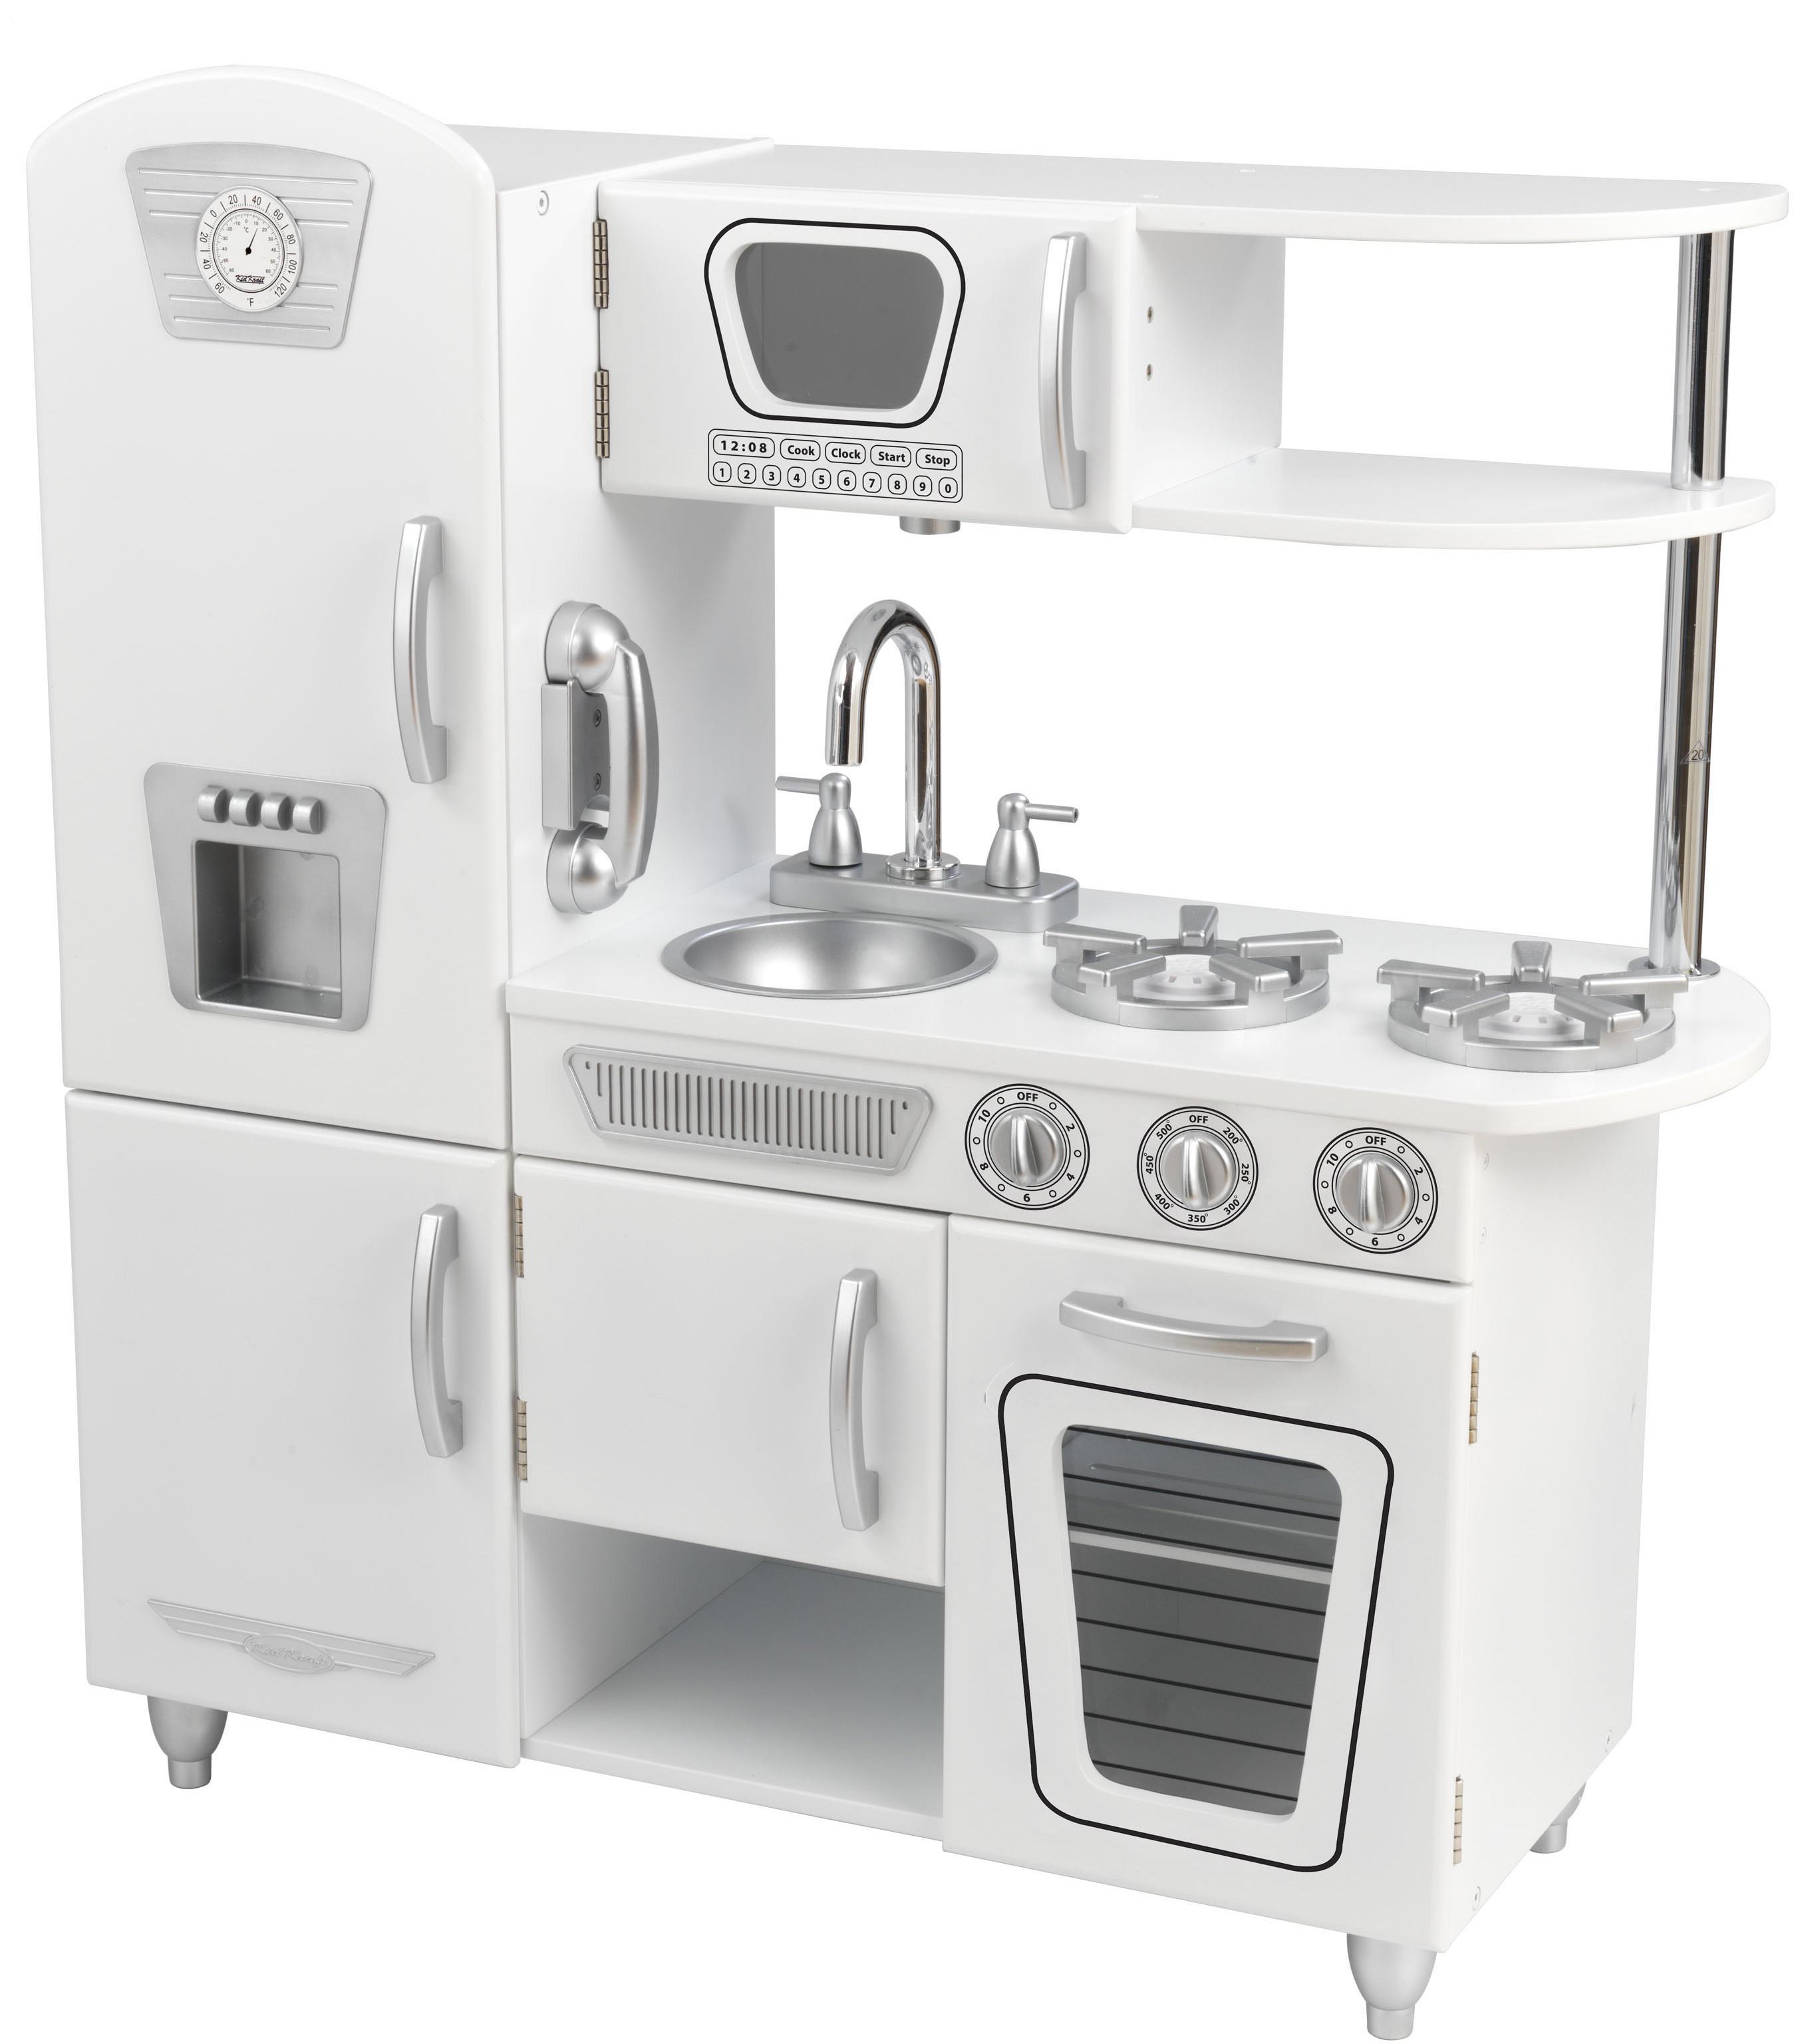 Ikea Keuken Pimpen : Kinderkeuken ikea pimpen kopen? Prijskrijger